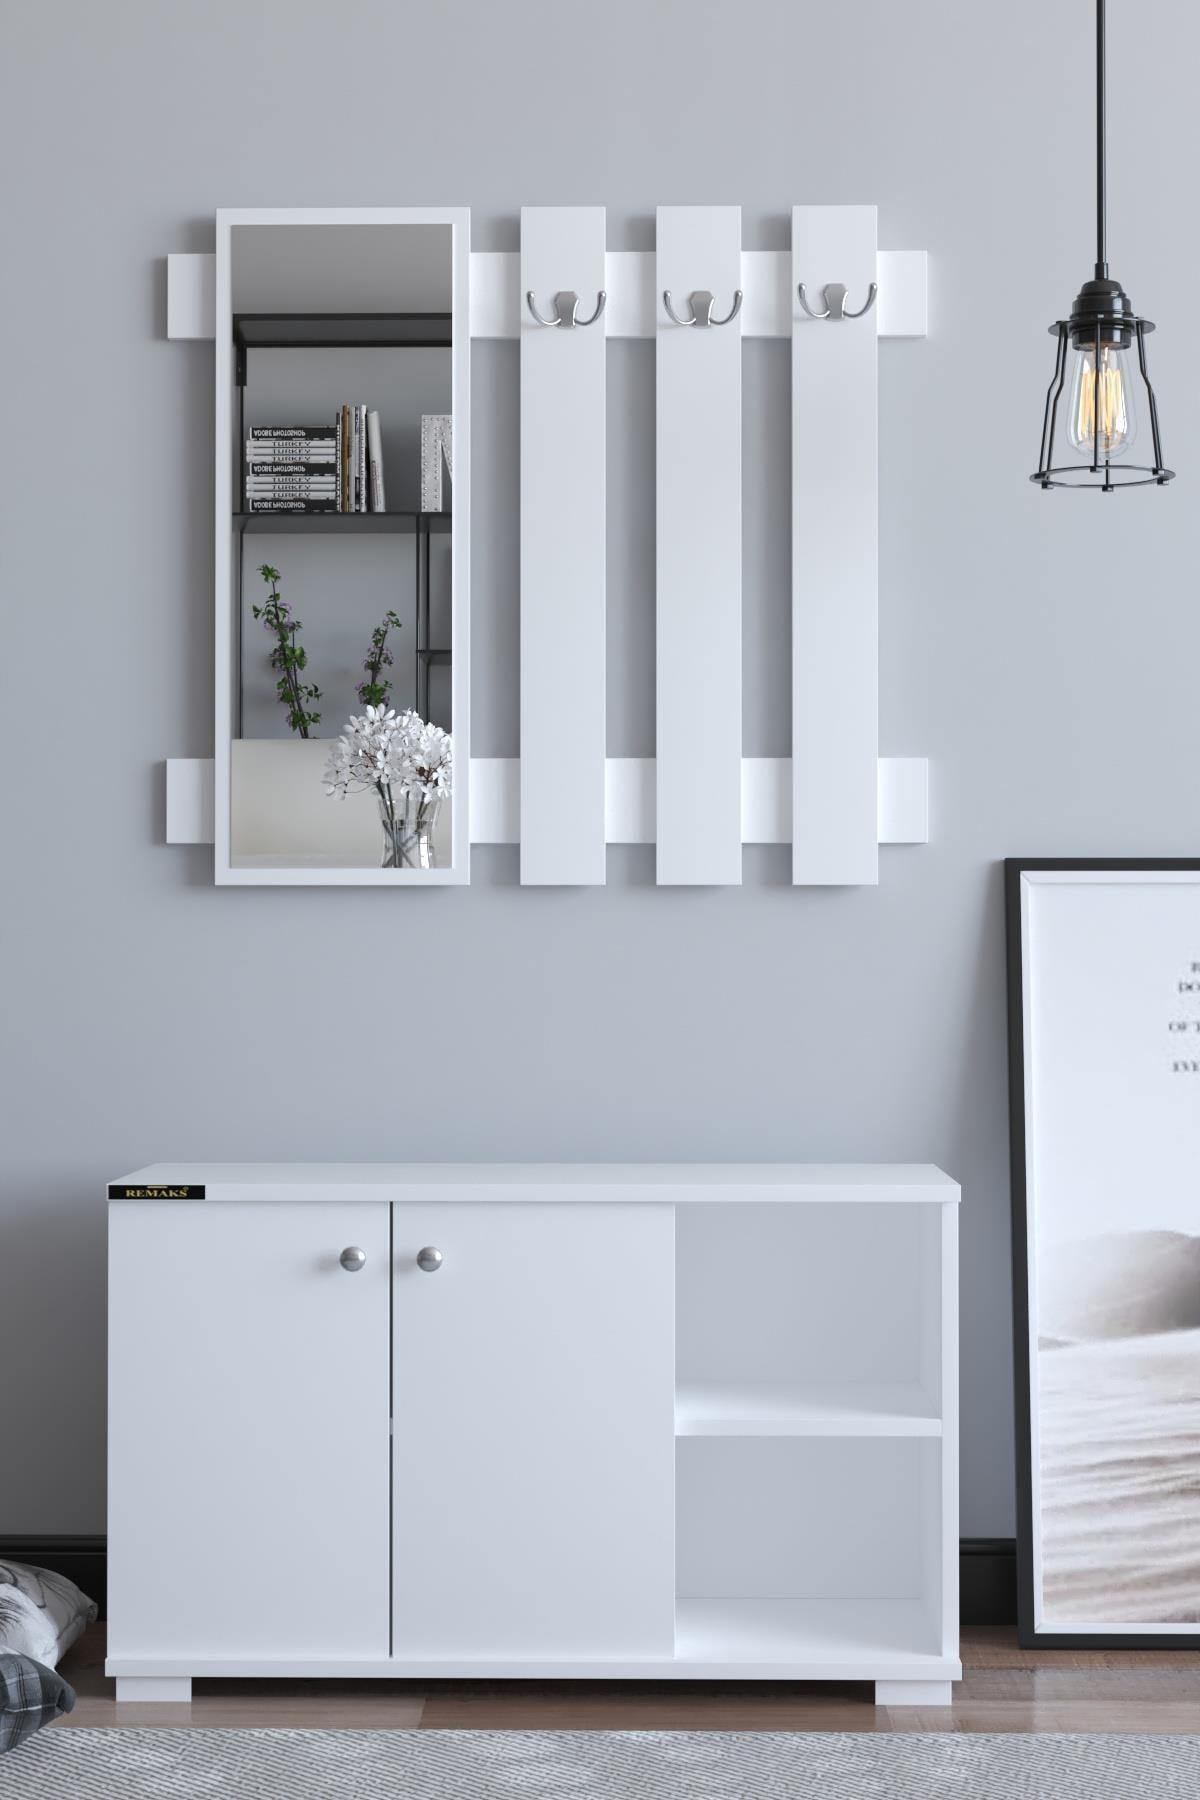 Plus Aynalı Vestiyer Ayakkabılık Portmanto Ve Duvar Askısı - Beyaz / Beyaz